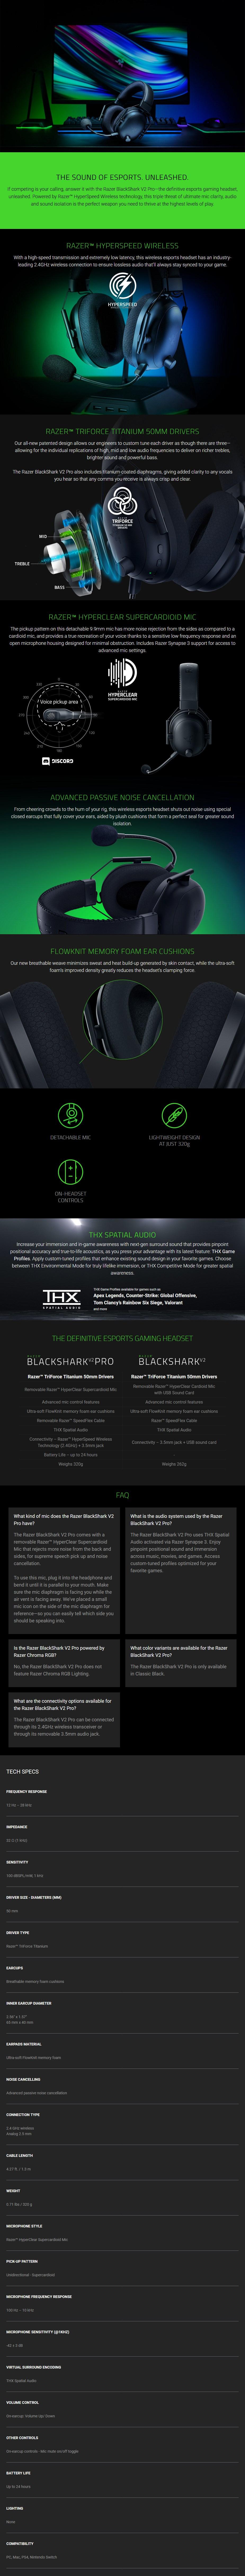 Razer BlackShark V2 Pro Wireless Gaming Headset - Overview 1